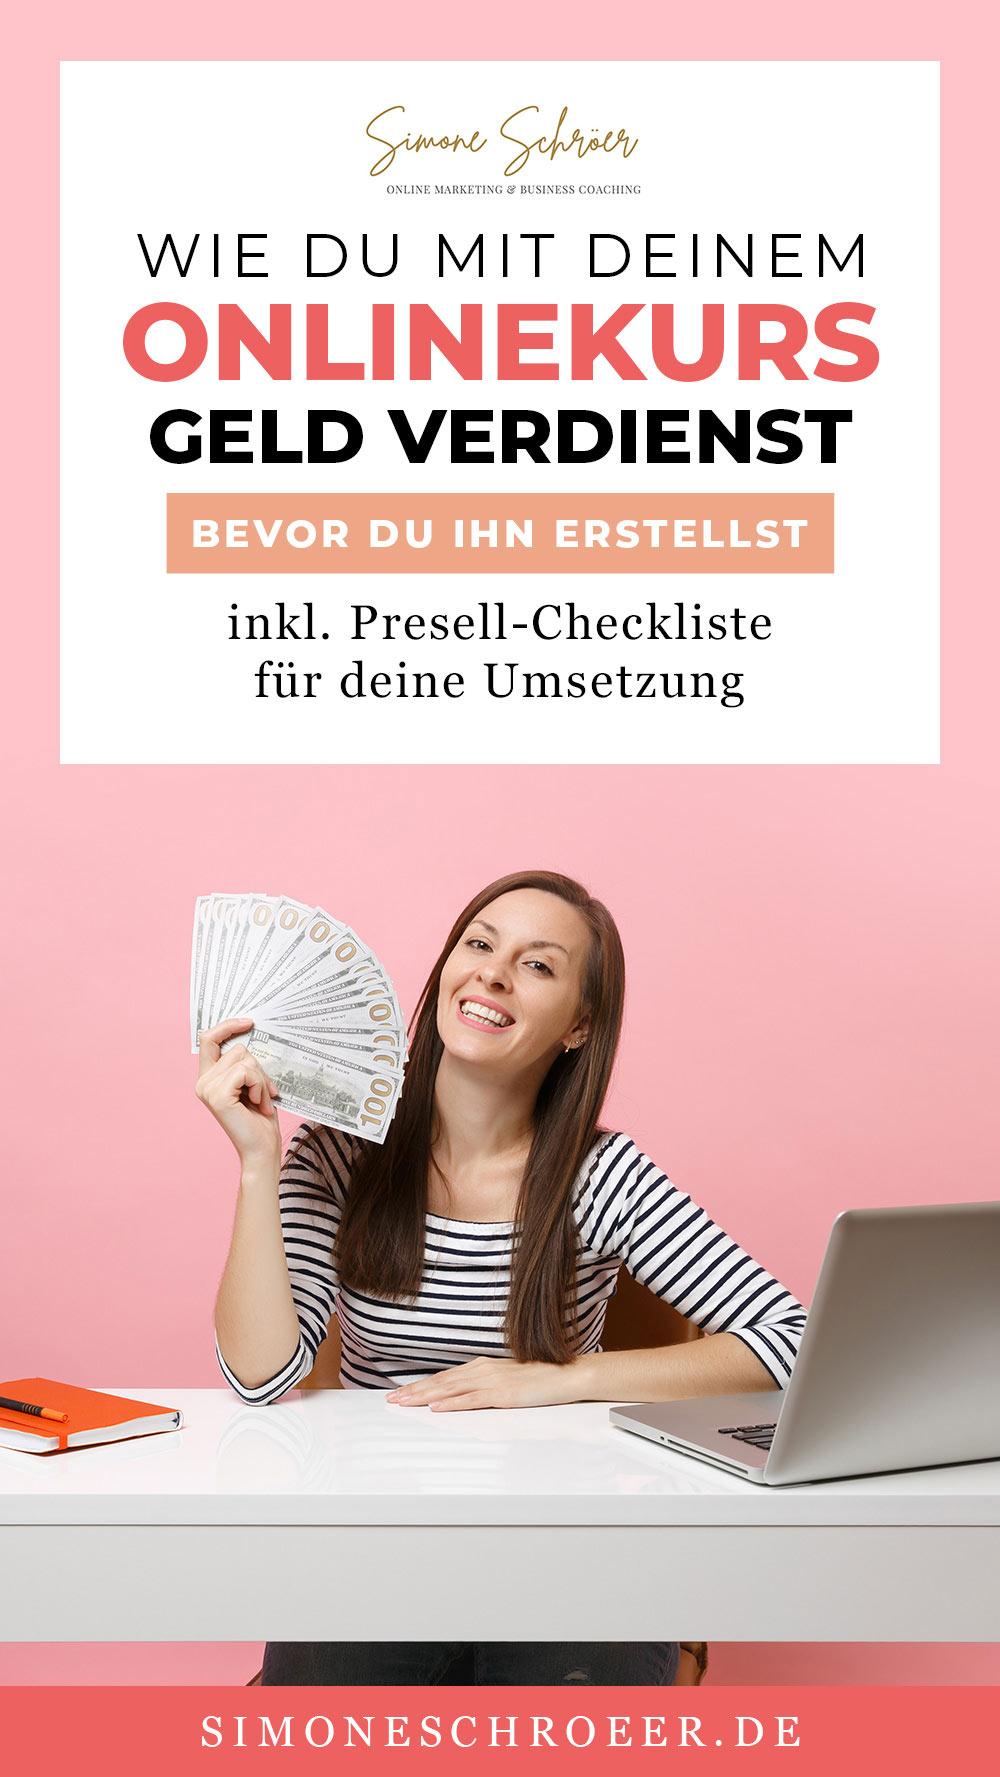 Auf der Grafik ist eine Frau zu sehen, die Geld in der Hand hat und auf der Grafik steht der Text: Wie du mit deinem Onlinekurs Geld verdienst, bevor du ihn erstellst inklusive Presell-Checkliste für deine Umsetzung